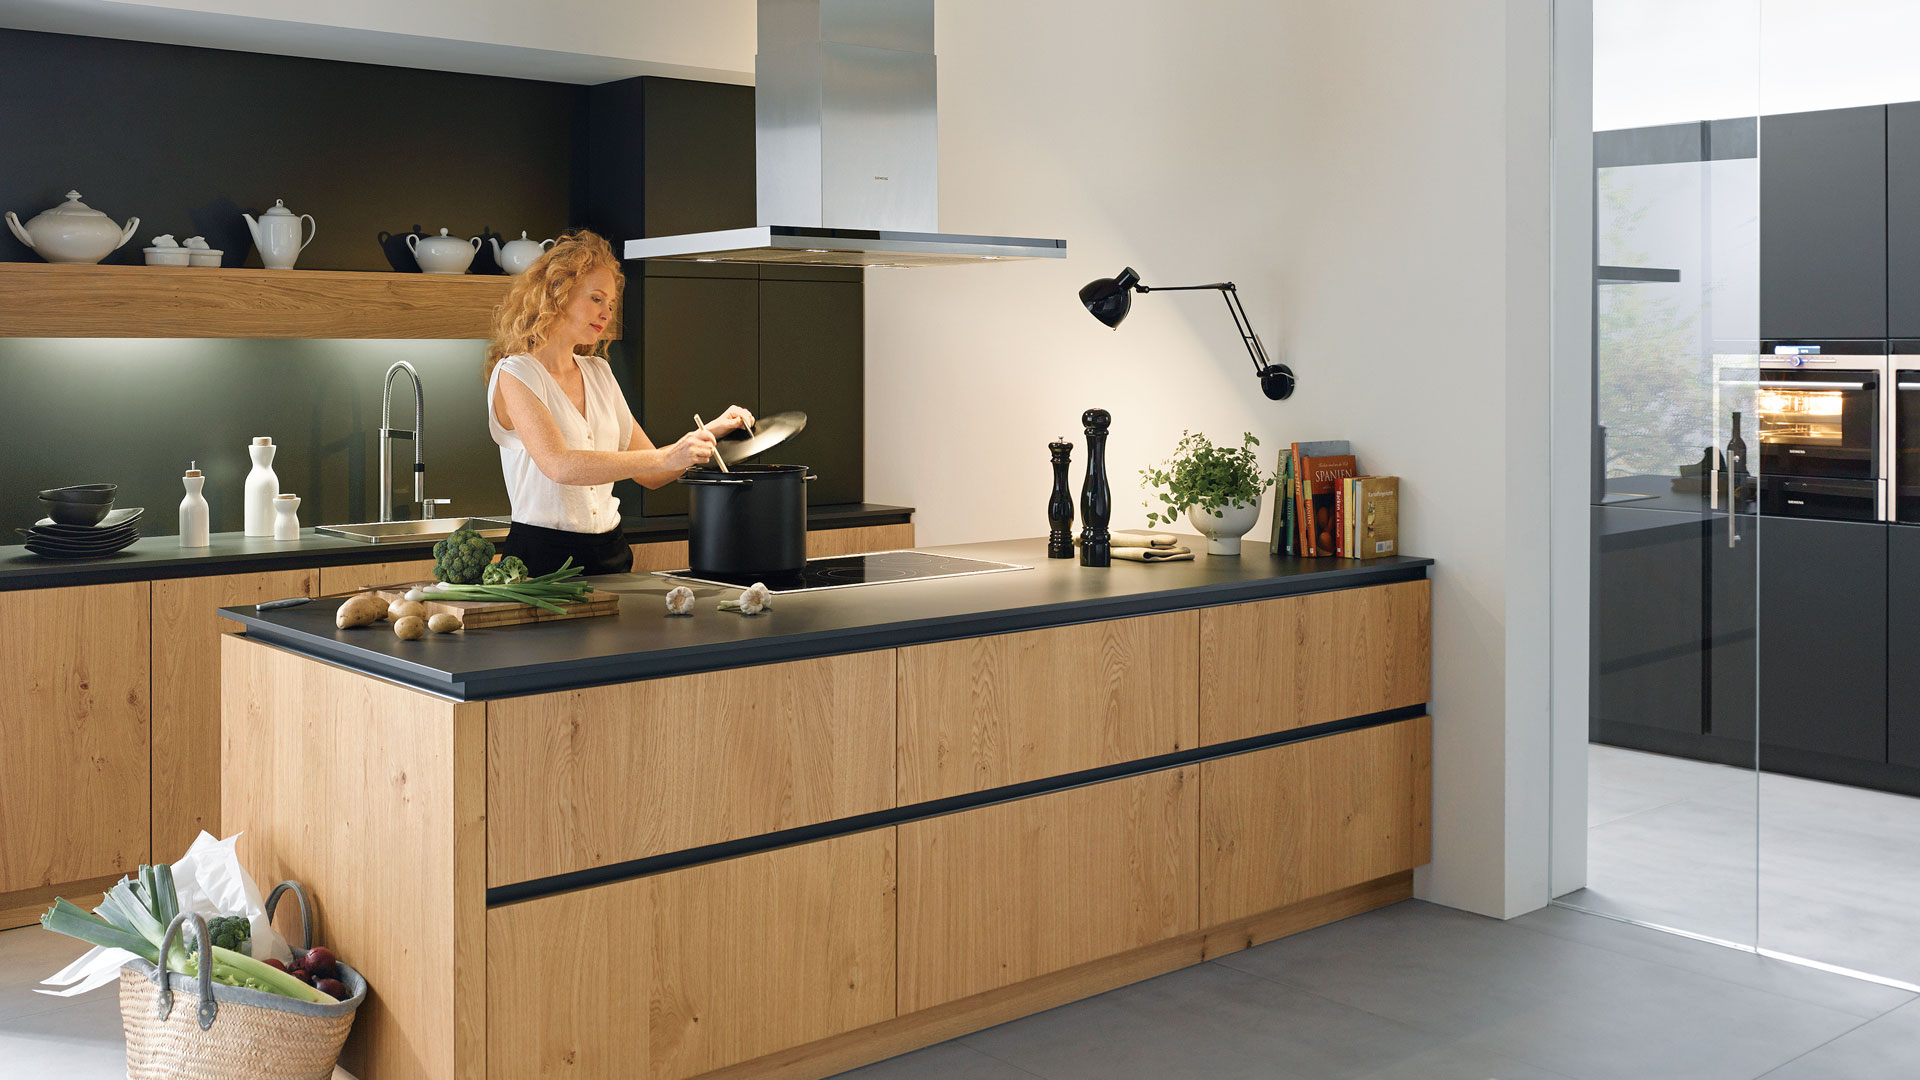 sch ller butter k chenstudio dresden. Black Bedroom Furniture Sets. Home Design Ideas